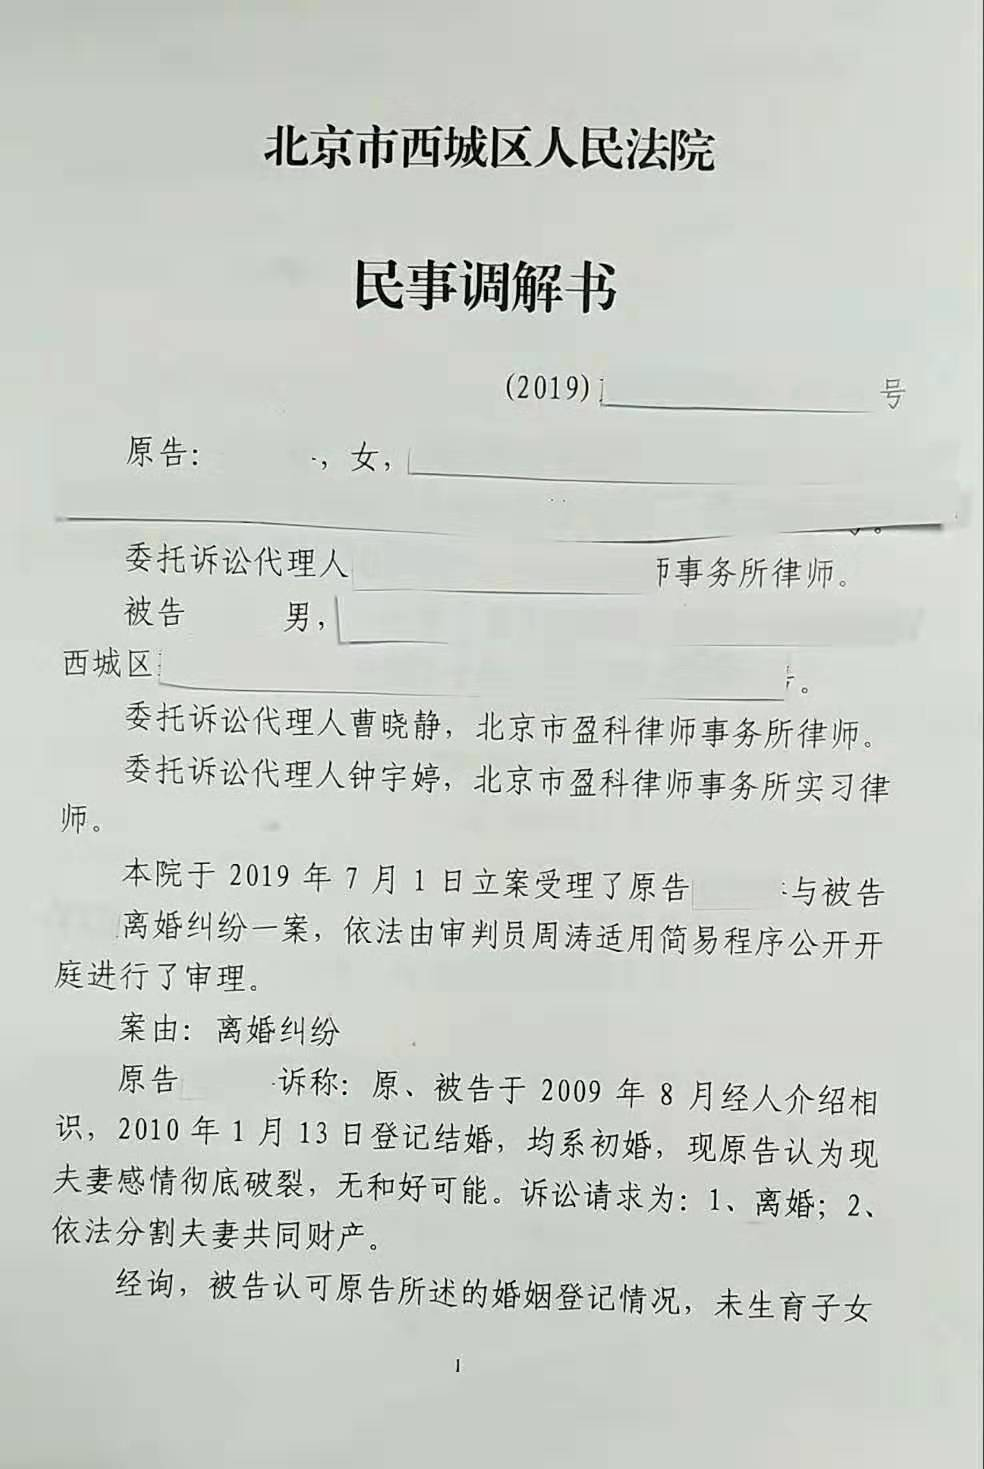 曹晓静律师团队代理被告离婚纠纷—调解离婚,为当事人争取到房产的所有权